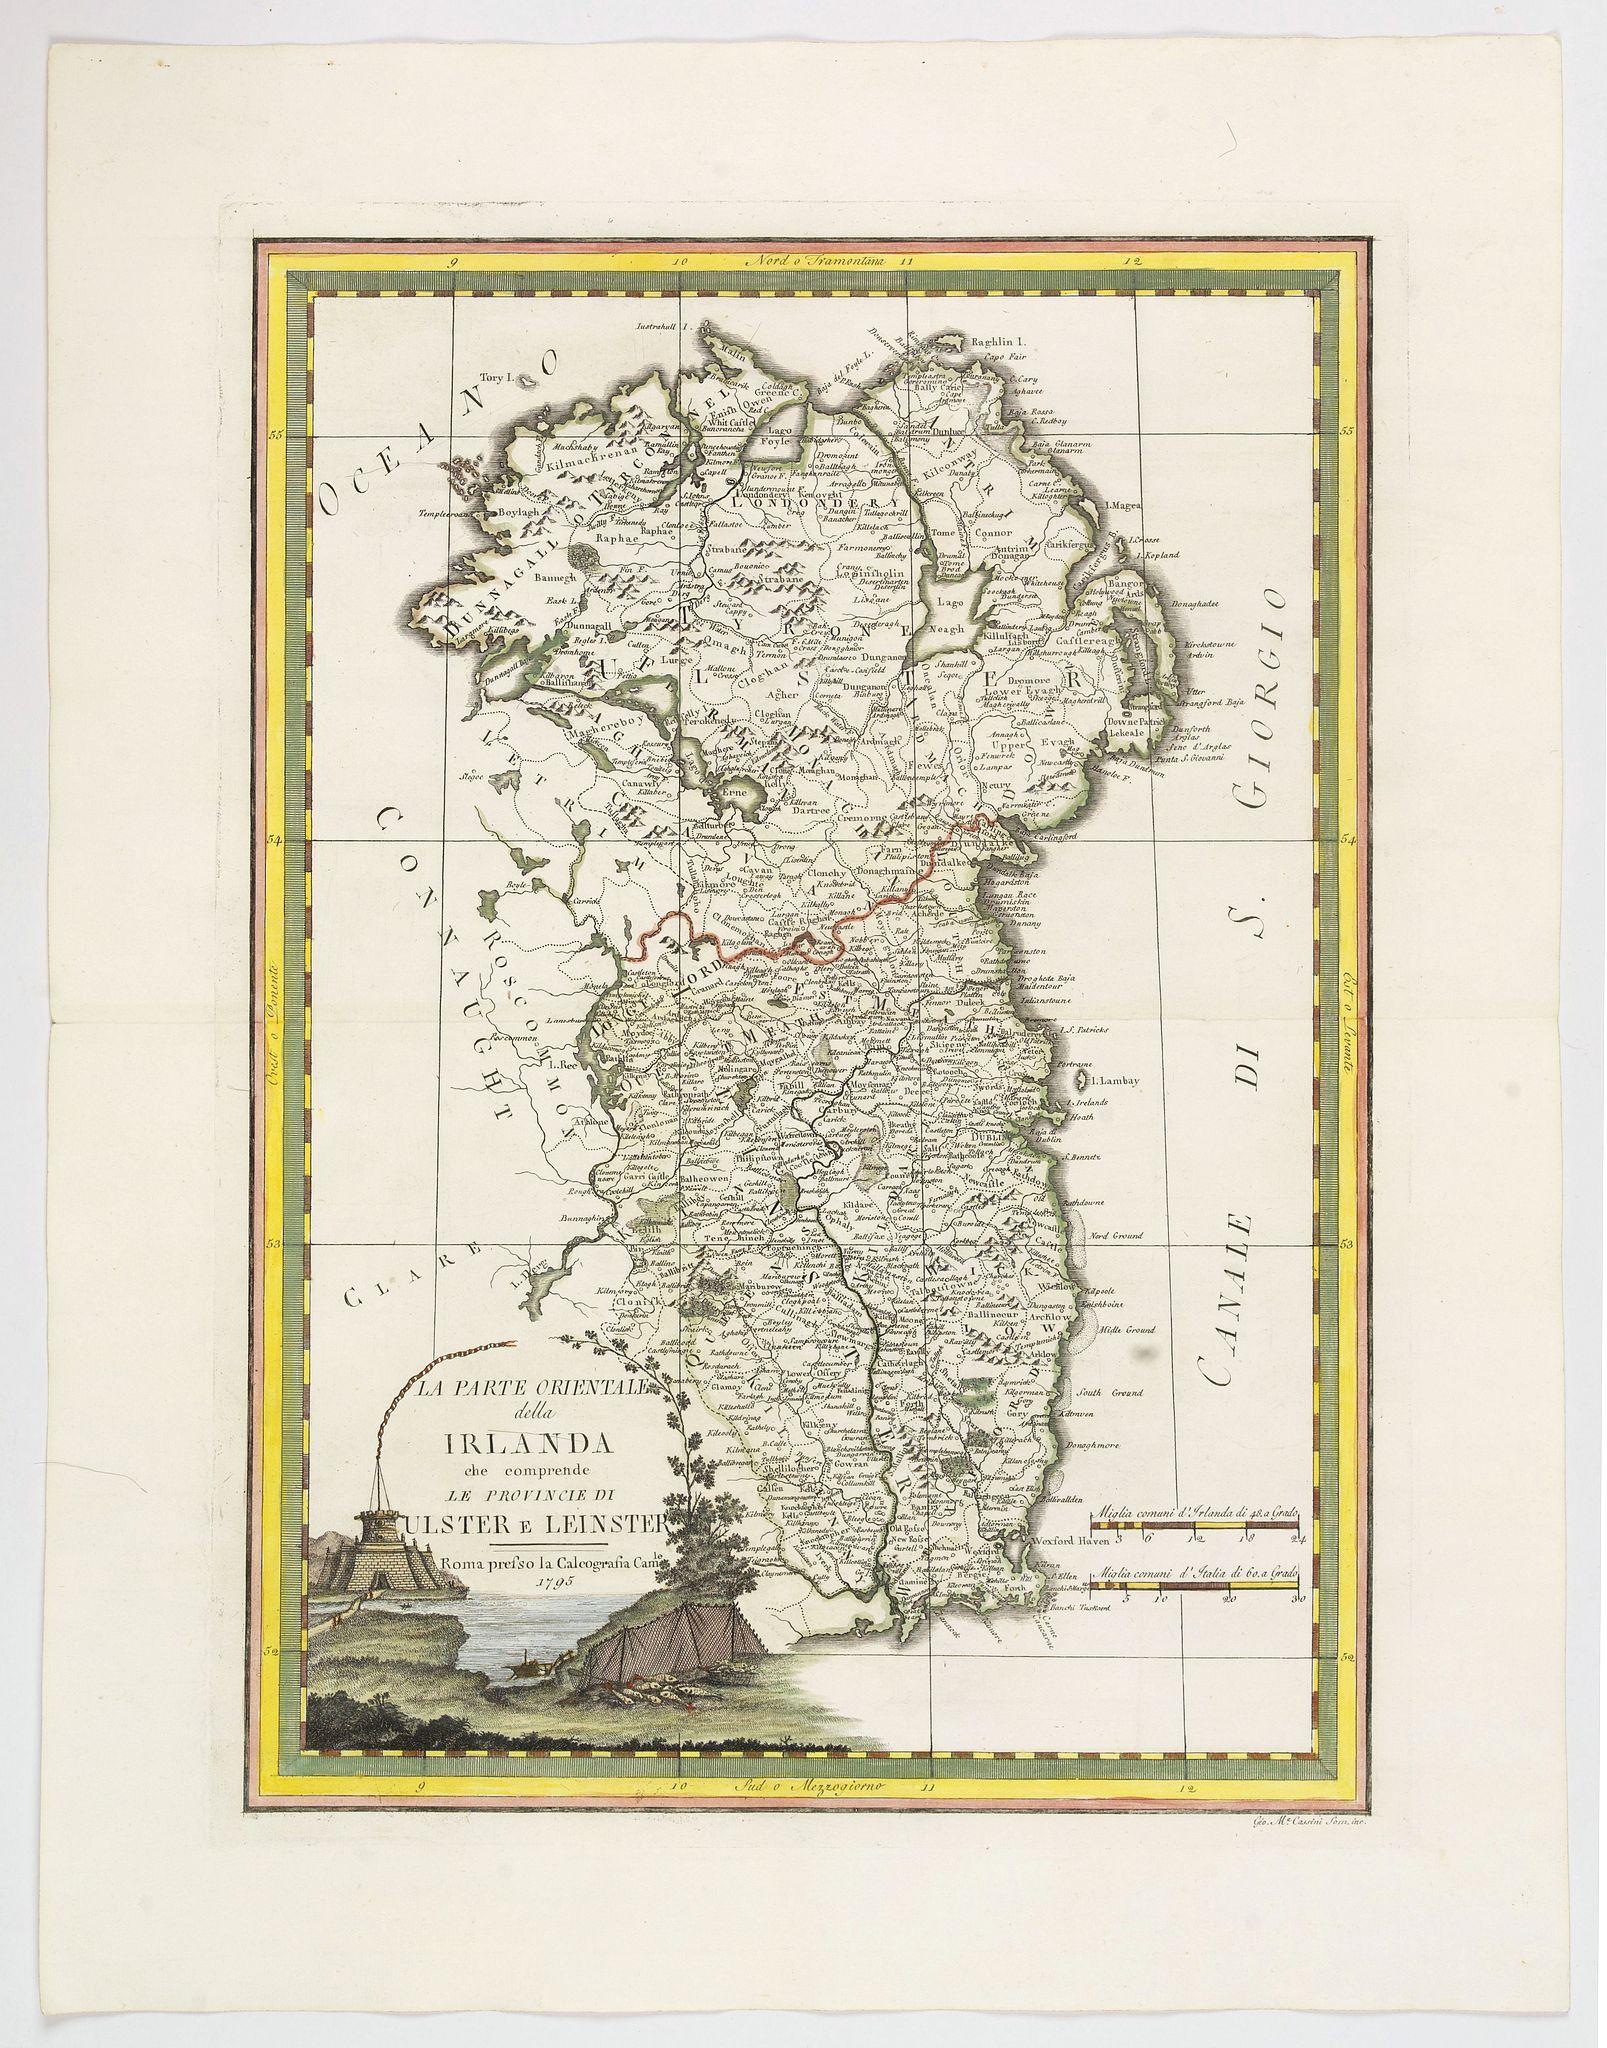 CASSINI, G.M. -  La Partie Orientale della Irlanda che comprende Le Provincie di Ulster e Leinster.